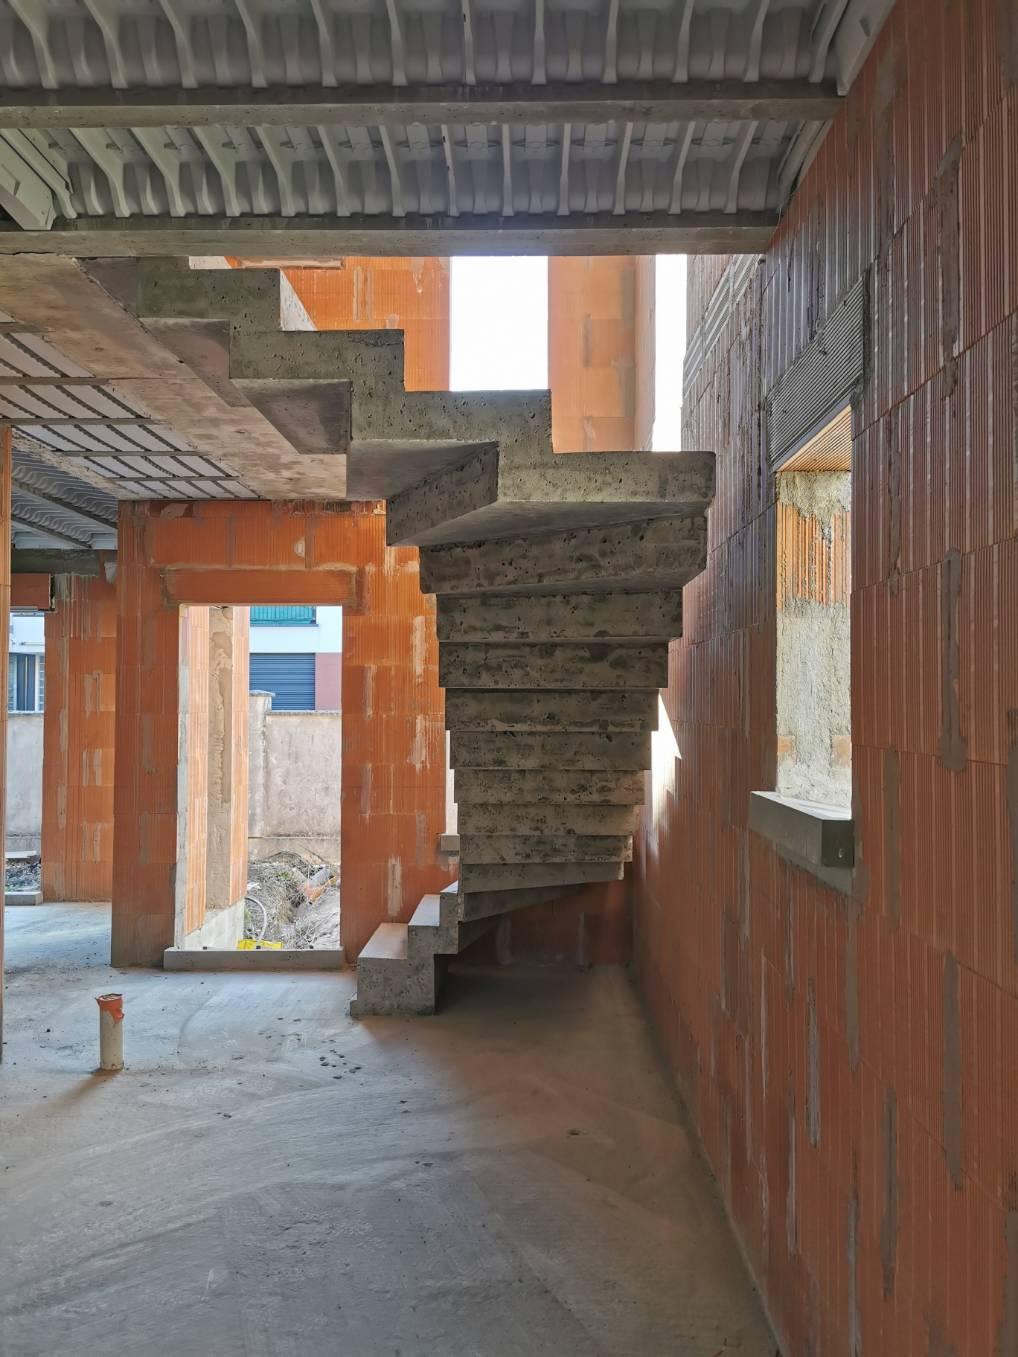 Fabriquer son escalier béton design avec Scal'in